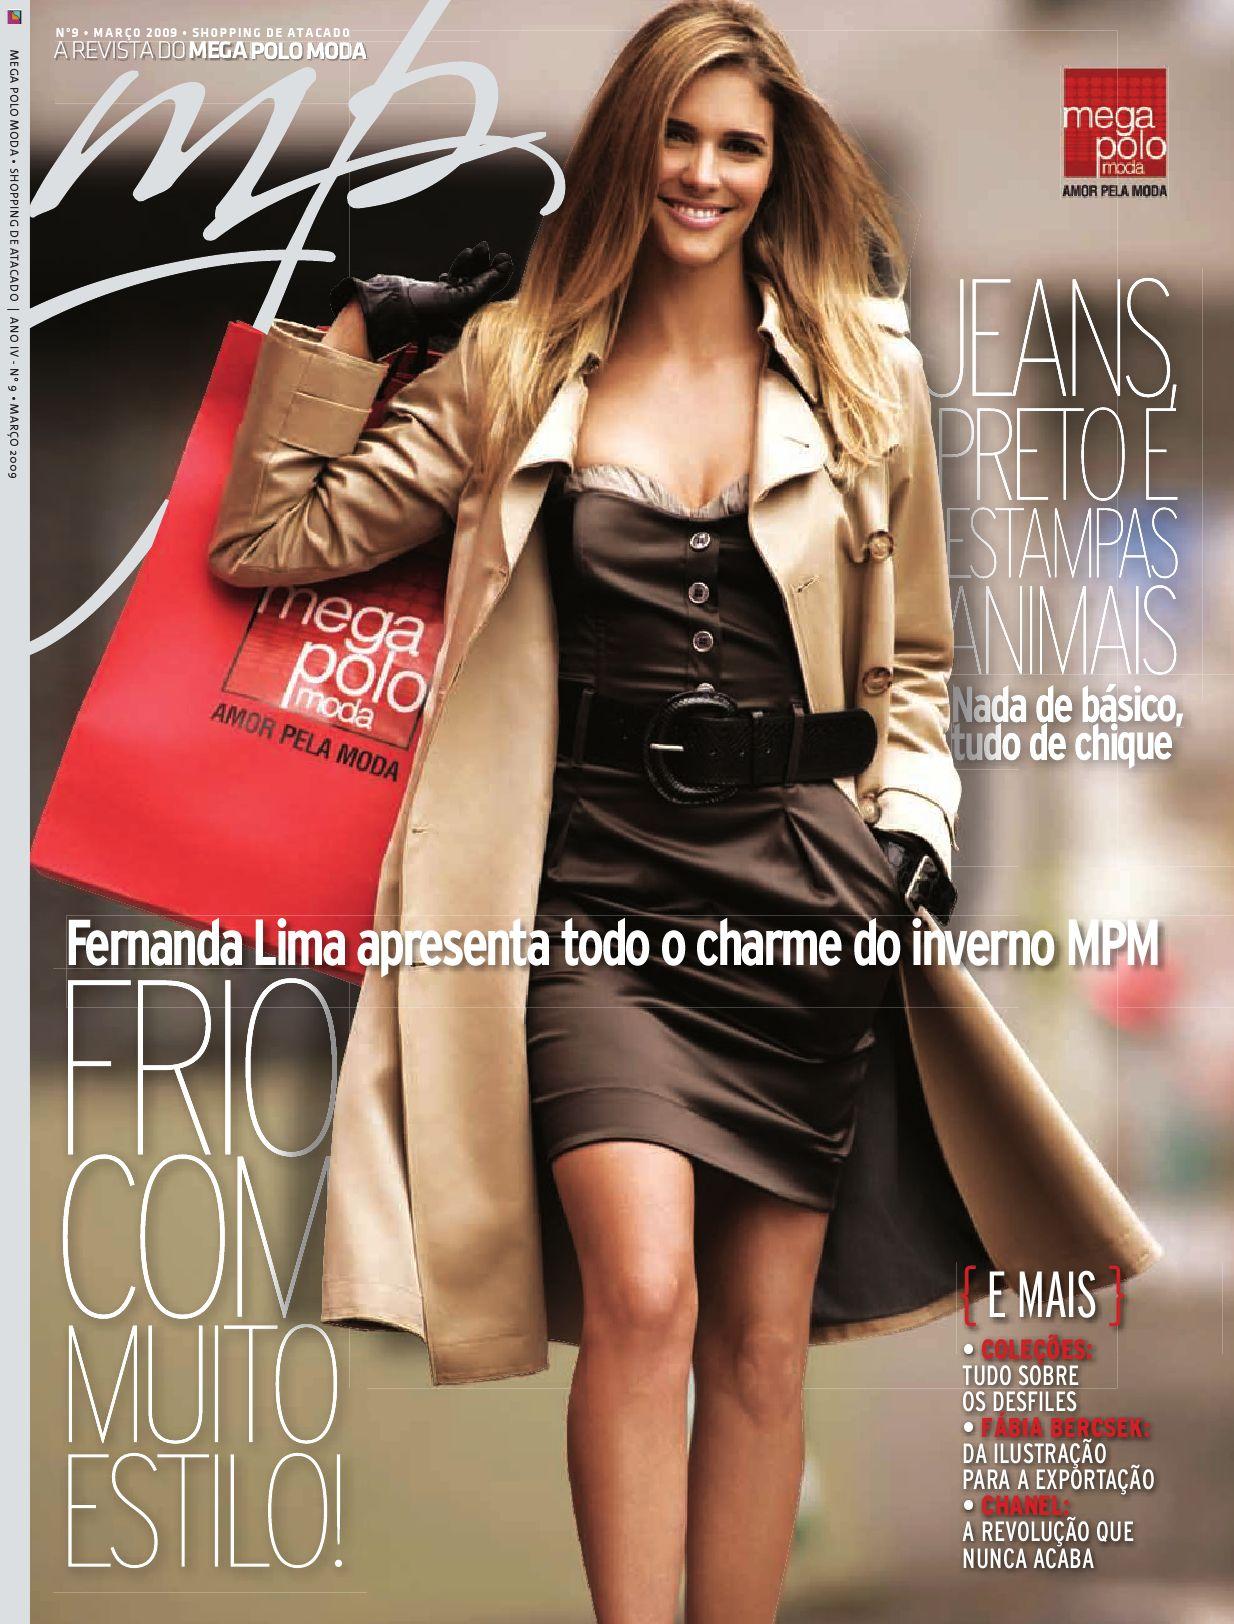 cce5d5df5 Revista Mega Polo nº9 by Fabio Santos - issuu